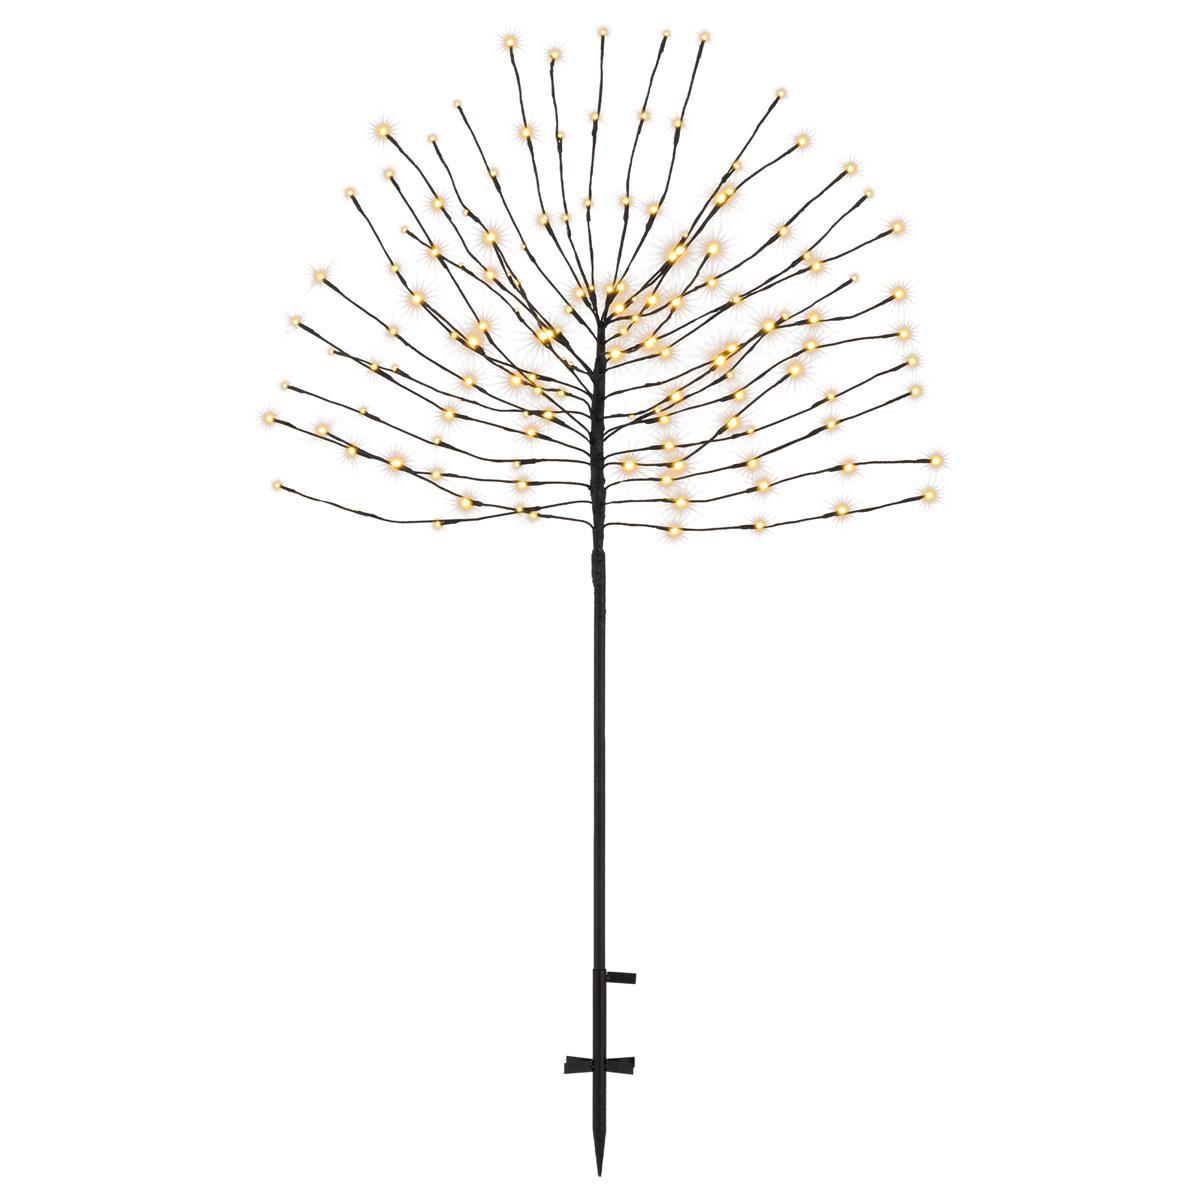 Dekobaum schwarz 140 LED warmweiß Leuchtbaum Lichtbaum Trafo Timer 150 cm